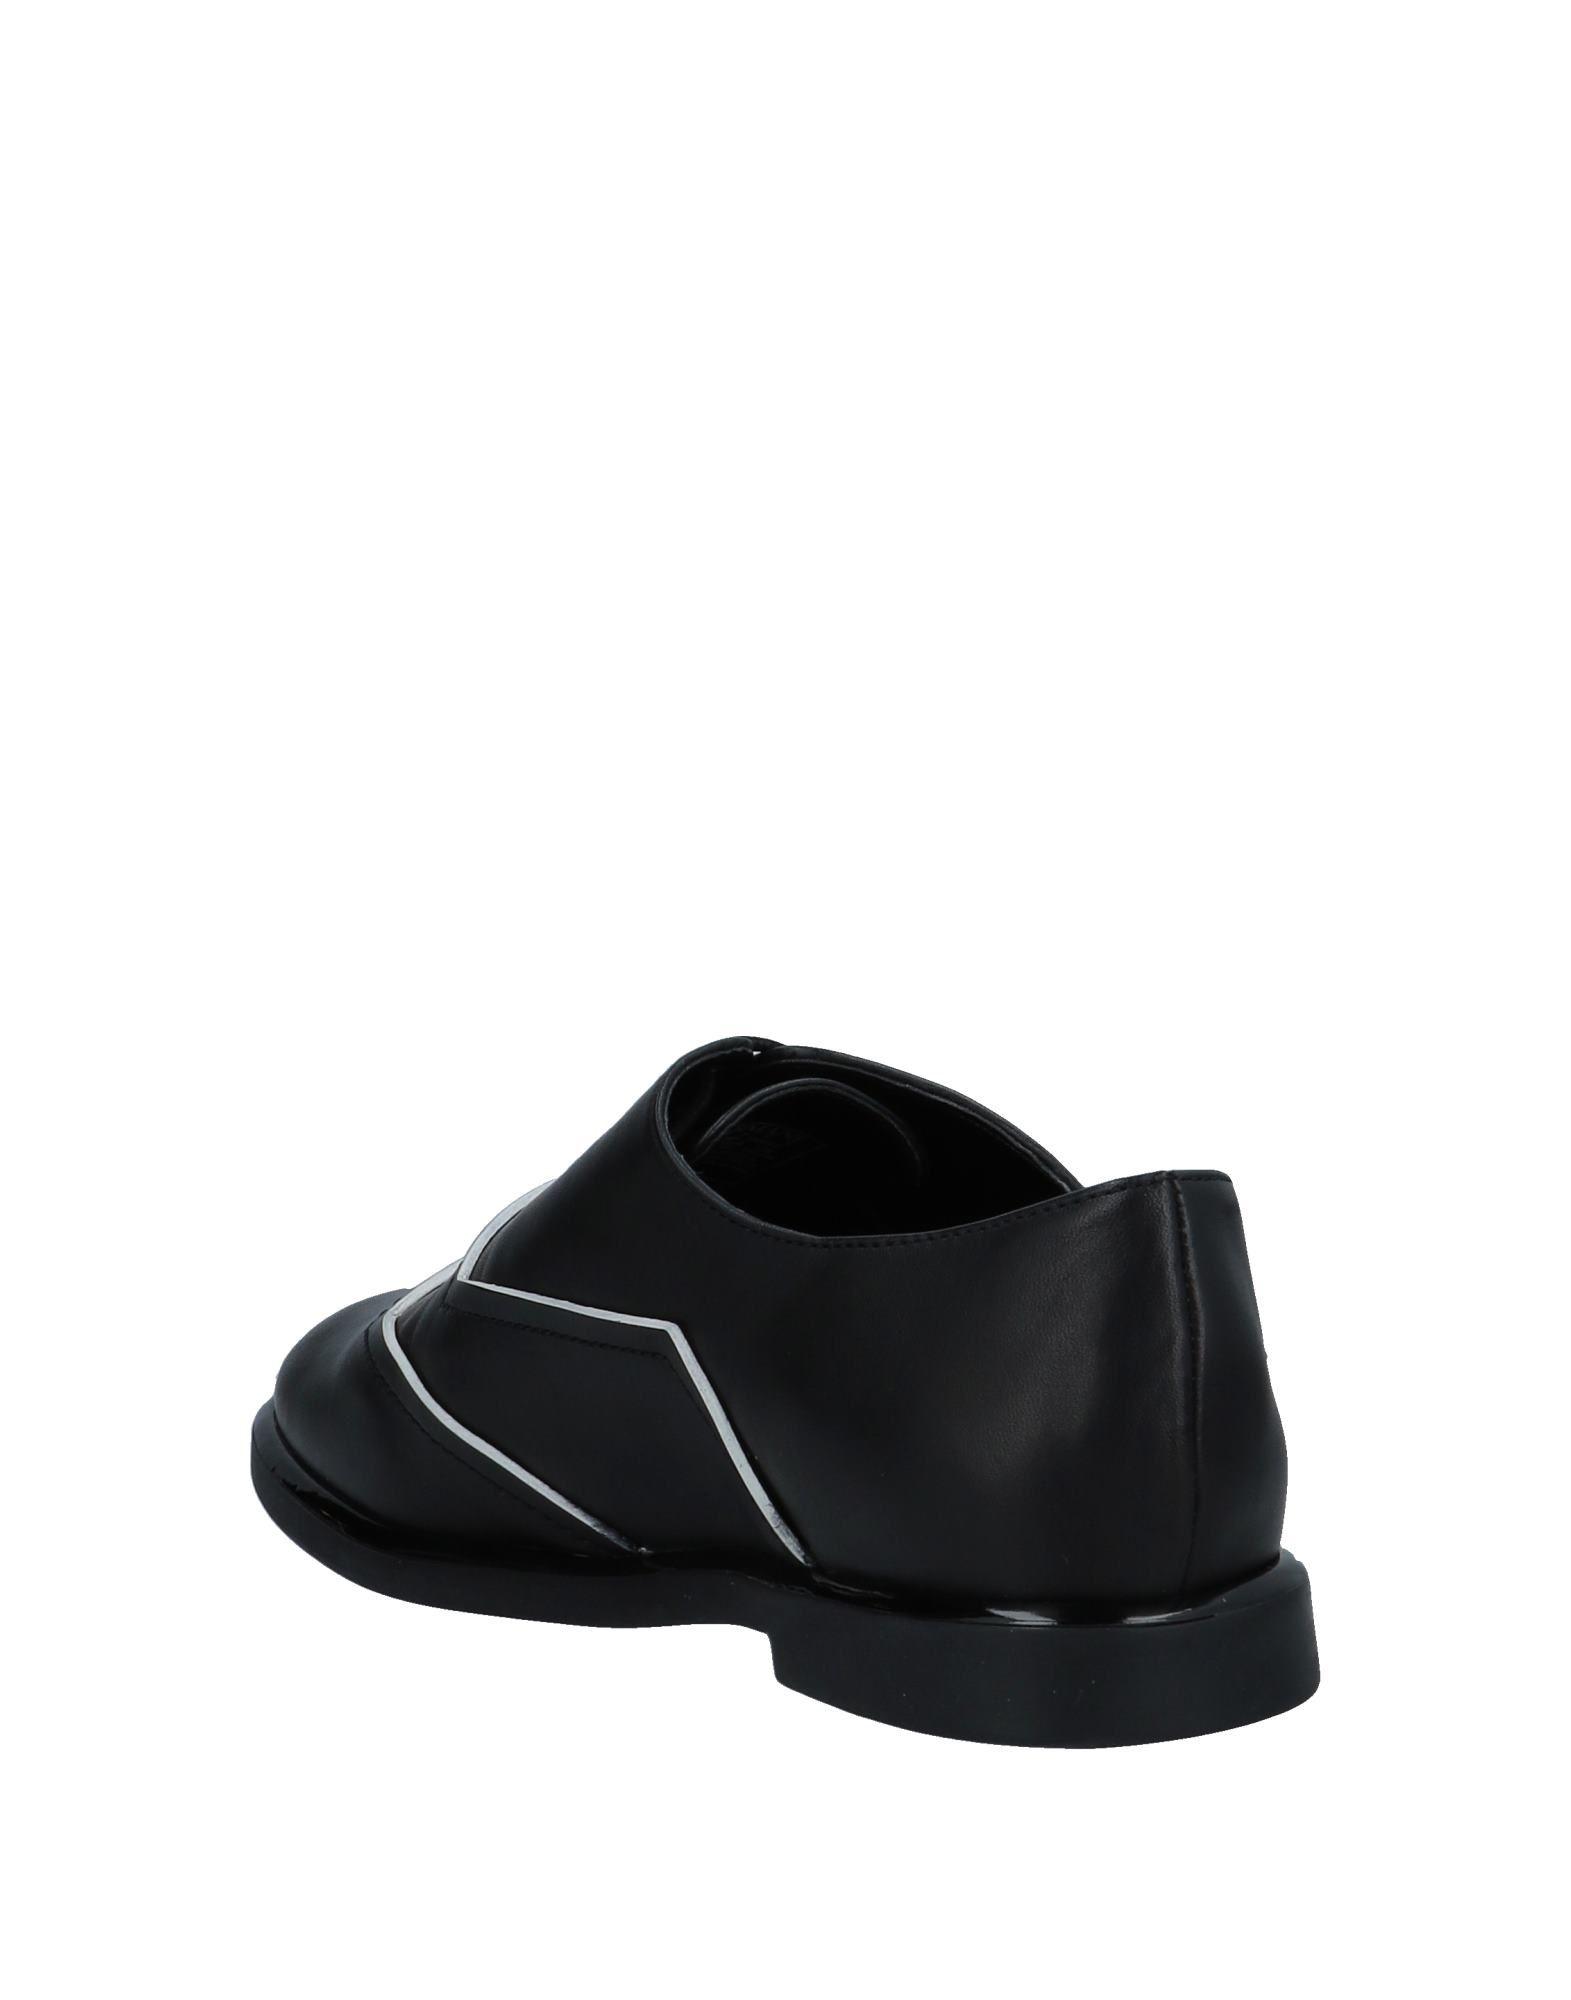 Gut um billige Schuhe  zu tragenArmani Jeans Schnürschuhe Damen  Schuhe 11557687LS 5e3a25